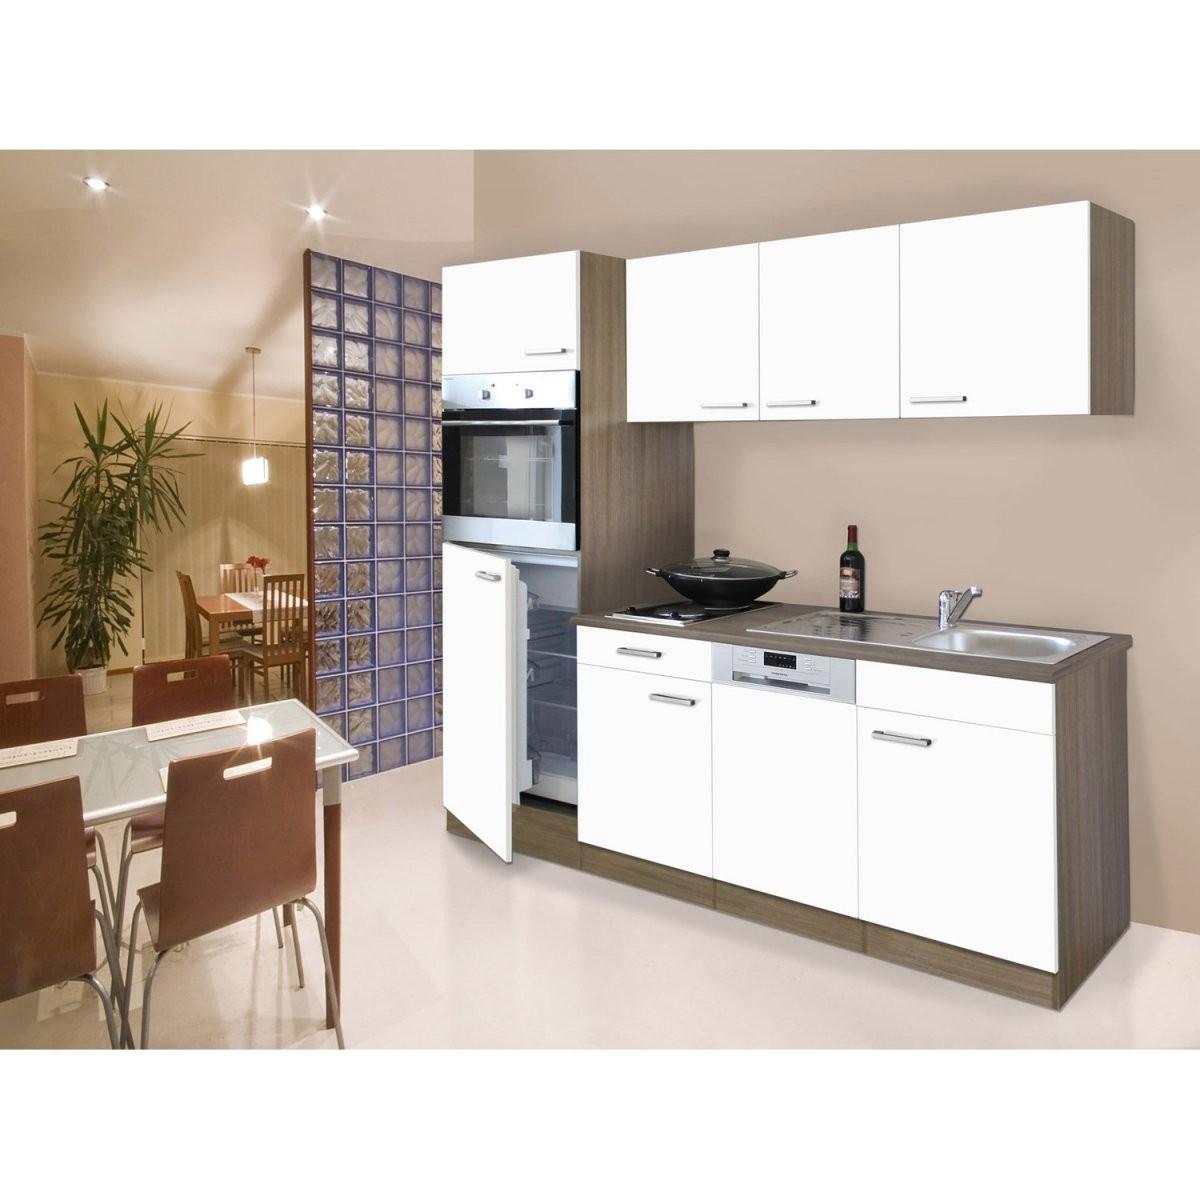 Küchenzeilen – Infos Und Günstig Online Kaufen von Küche Mit E Geräten Ohne Kühlschrank Photo